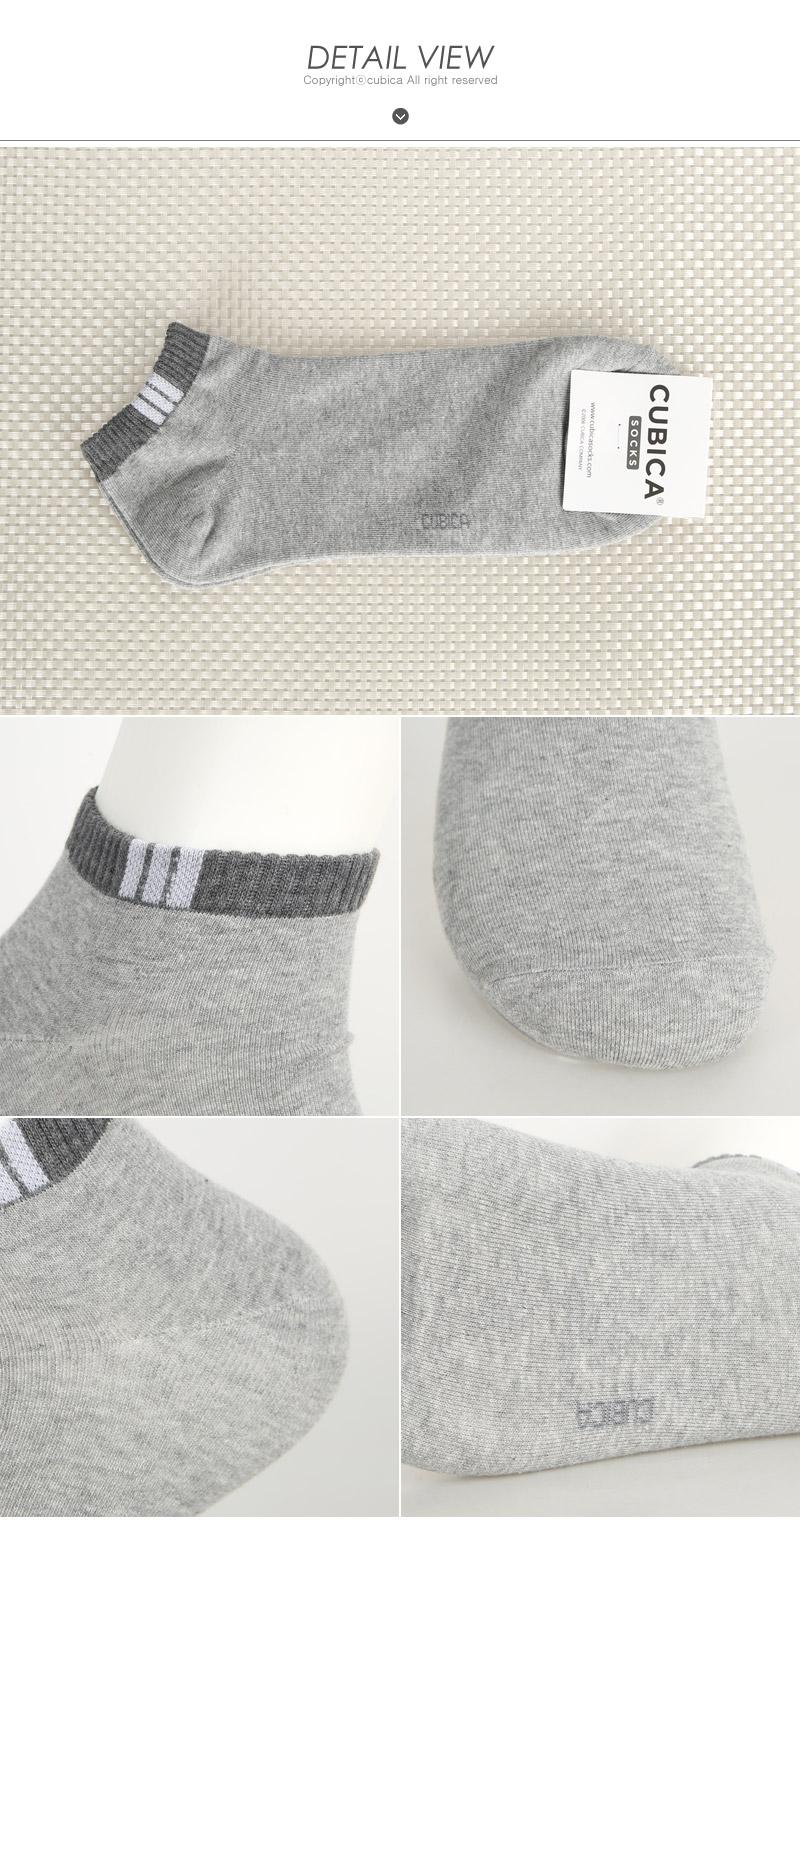 빅사이즈 밴드 배색 남성 단목양말 S174R - 쿠비카, 1,900원, 남성양말, 패션양말